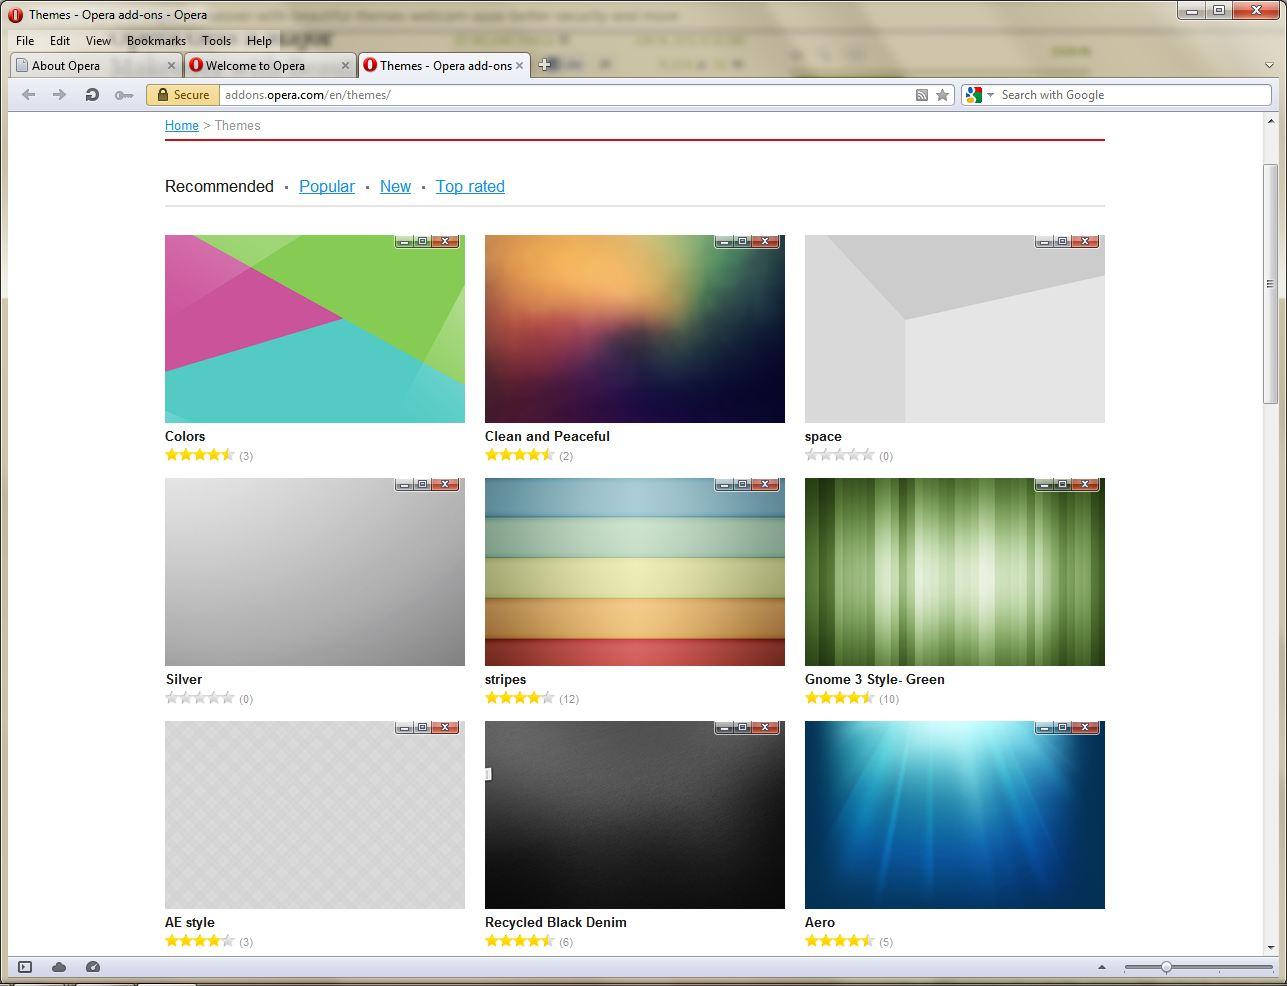 Google themes opera - Opera 12 Themes